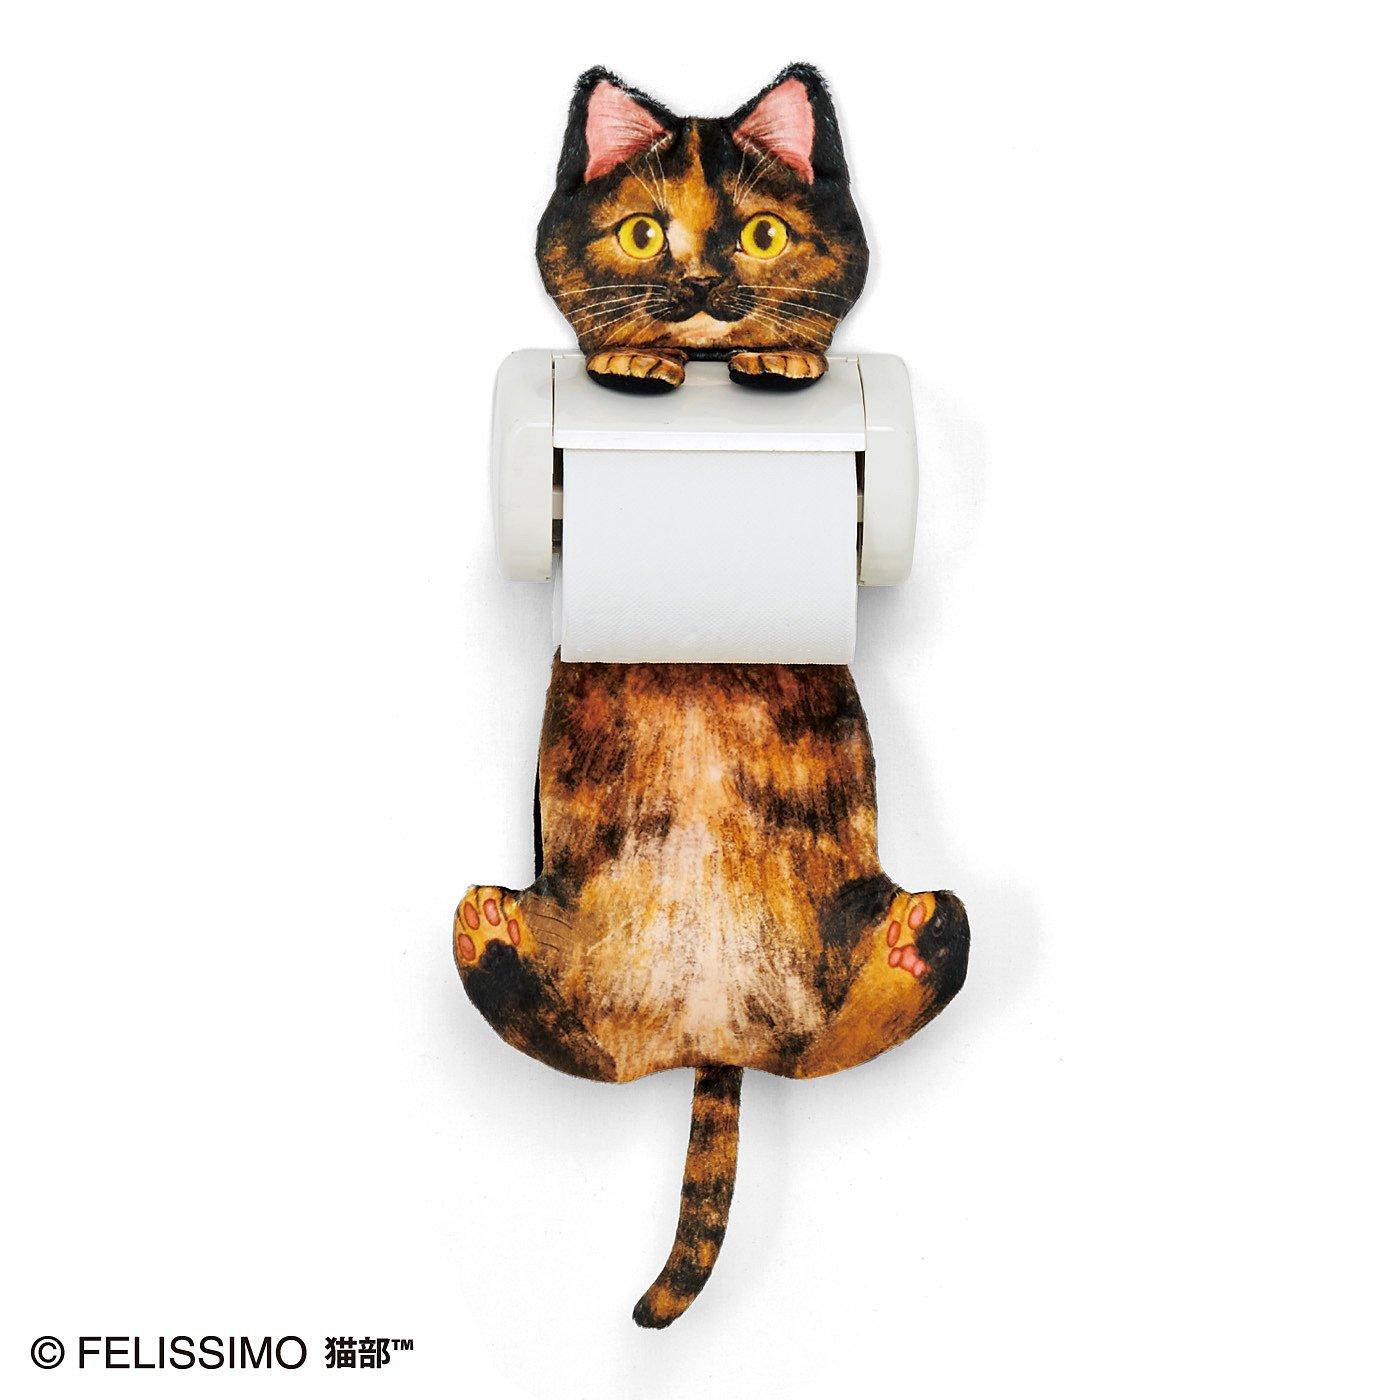 遊びにきたニャ! ぶらさがる猫のペーパーストッカー〈パート2〉の会